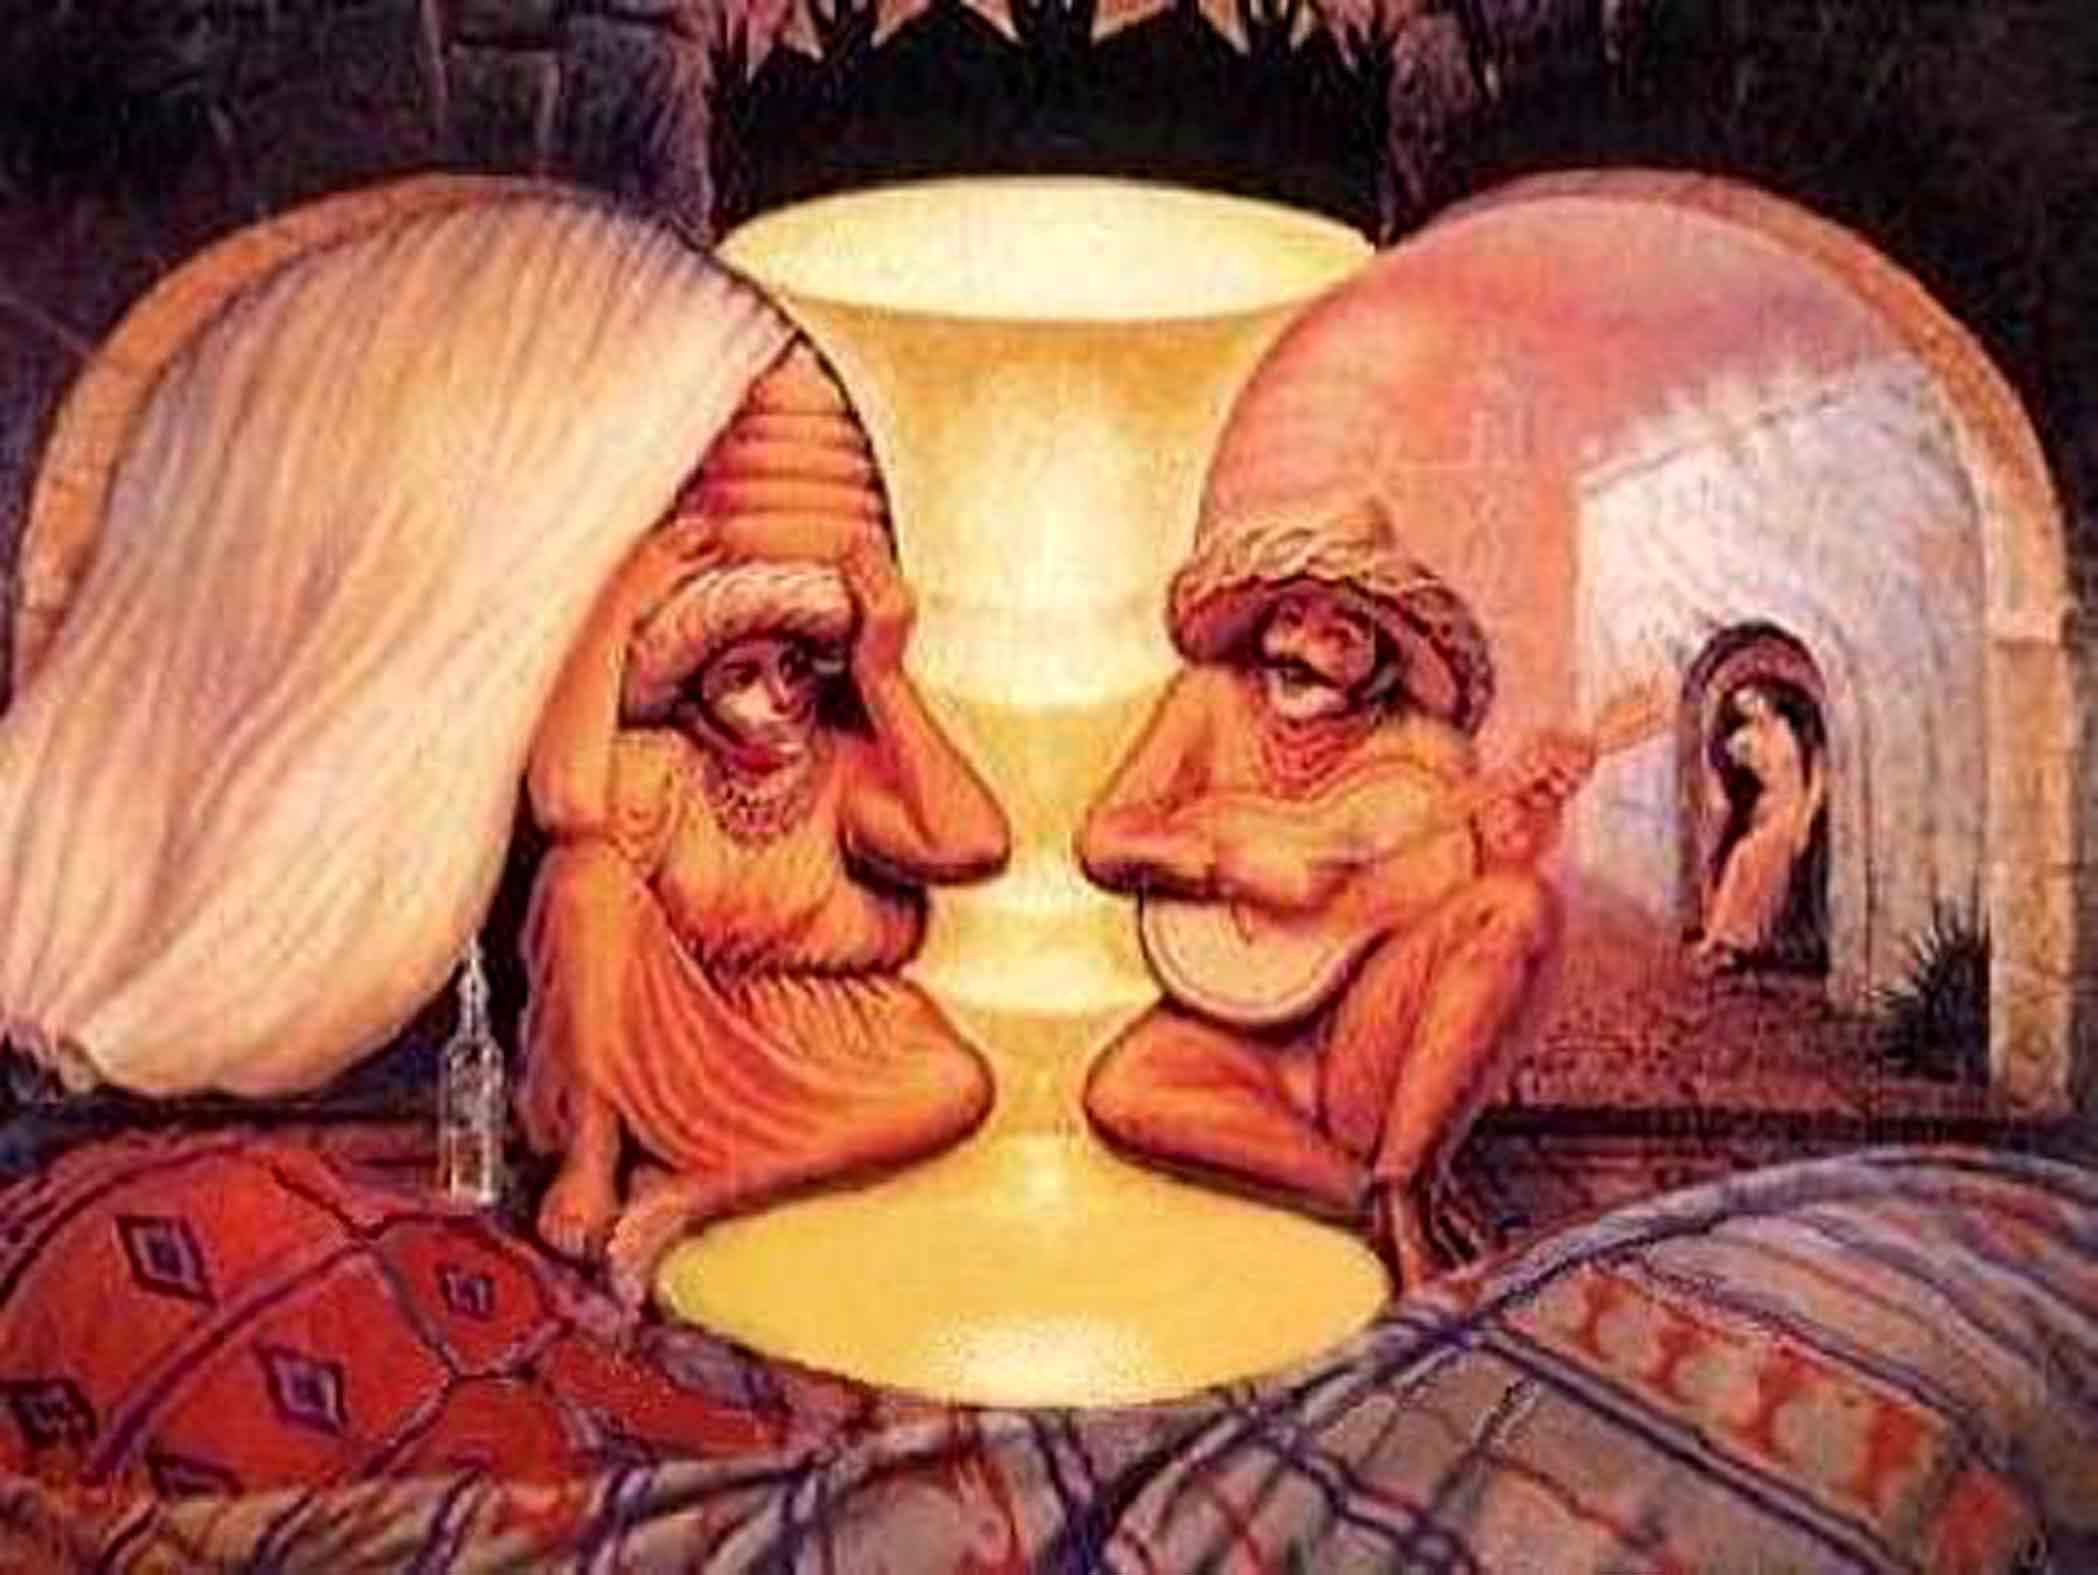 Тест: Кем вы были в прошлой жизни? Определим основываясь на вашем подсознании